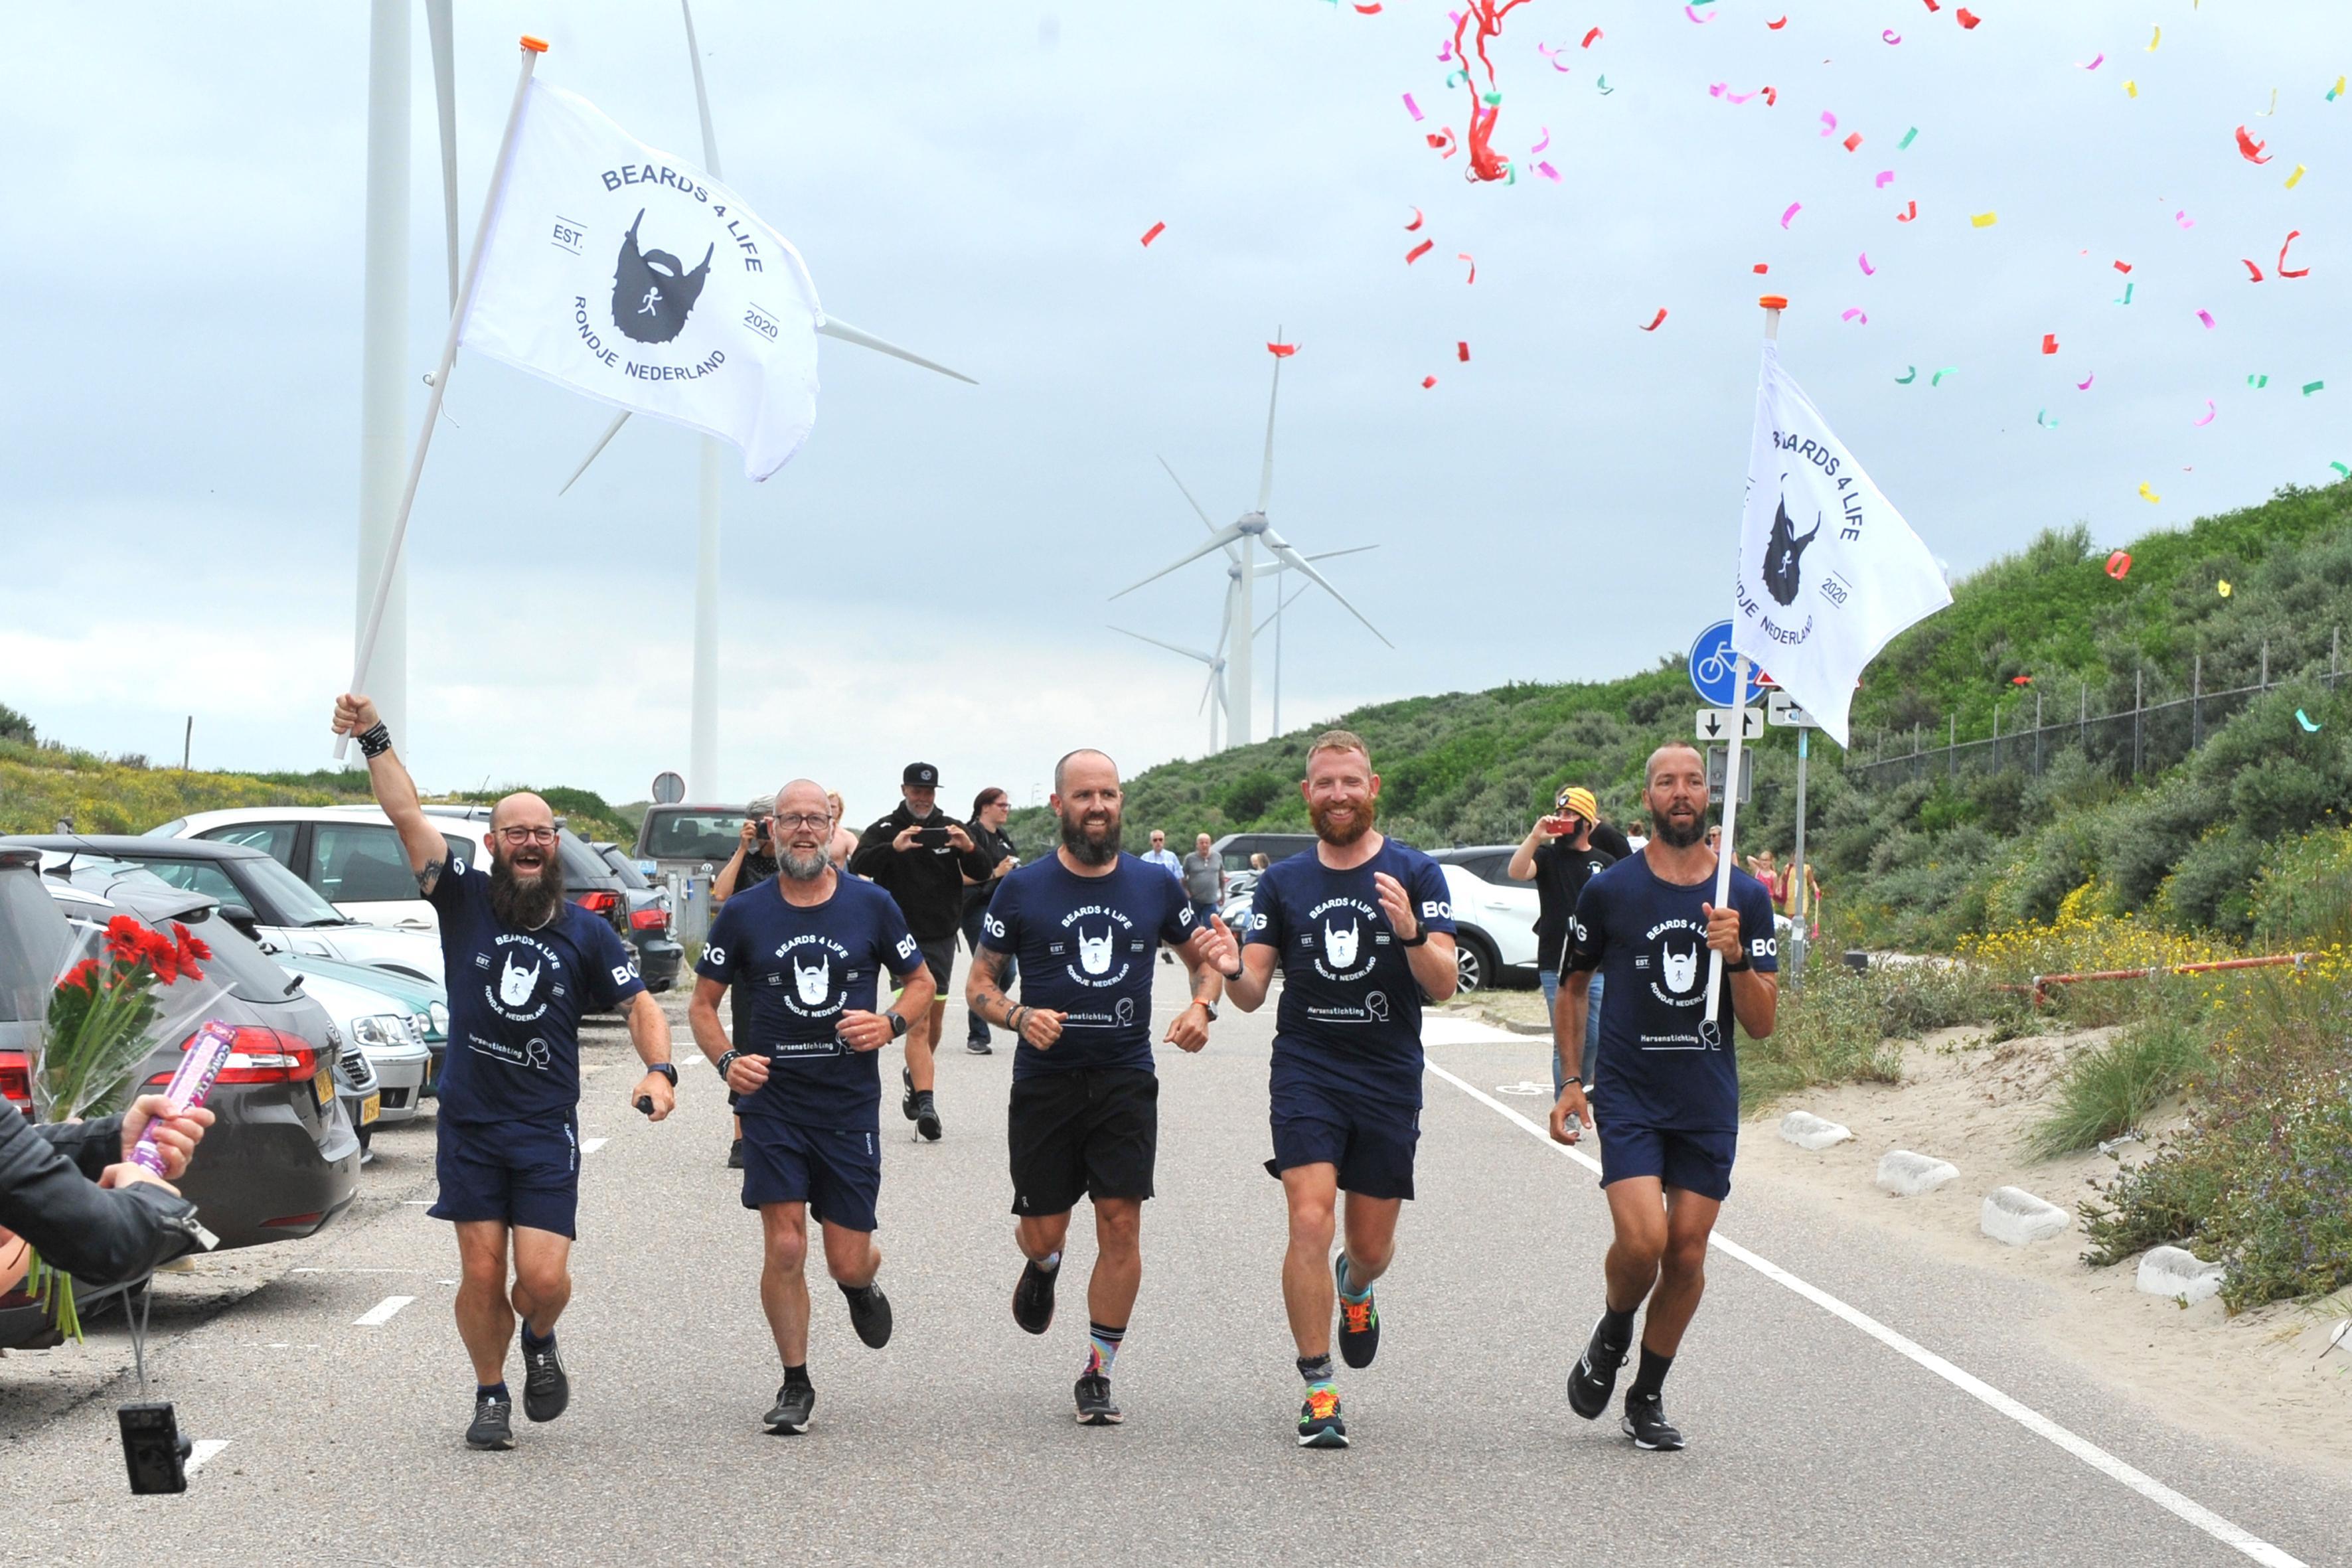 Acht dagen rennen en fietsen langs de Nederlandse grens, de mannen van Beards4life draaien hun hand er niet voor om. 'Volgend jaar weer'